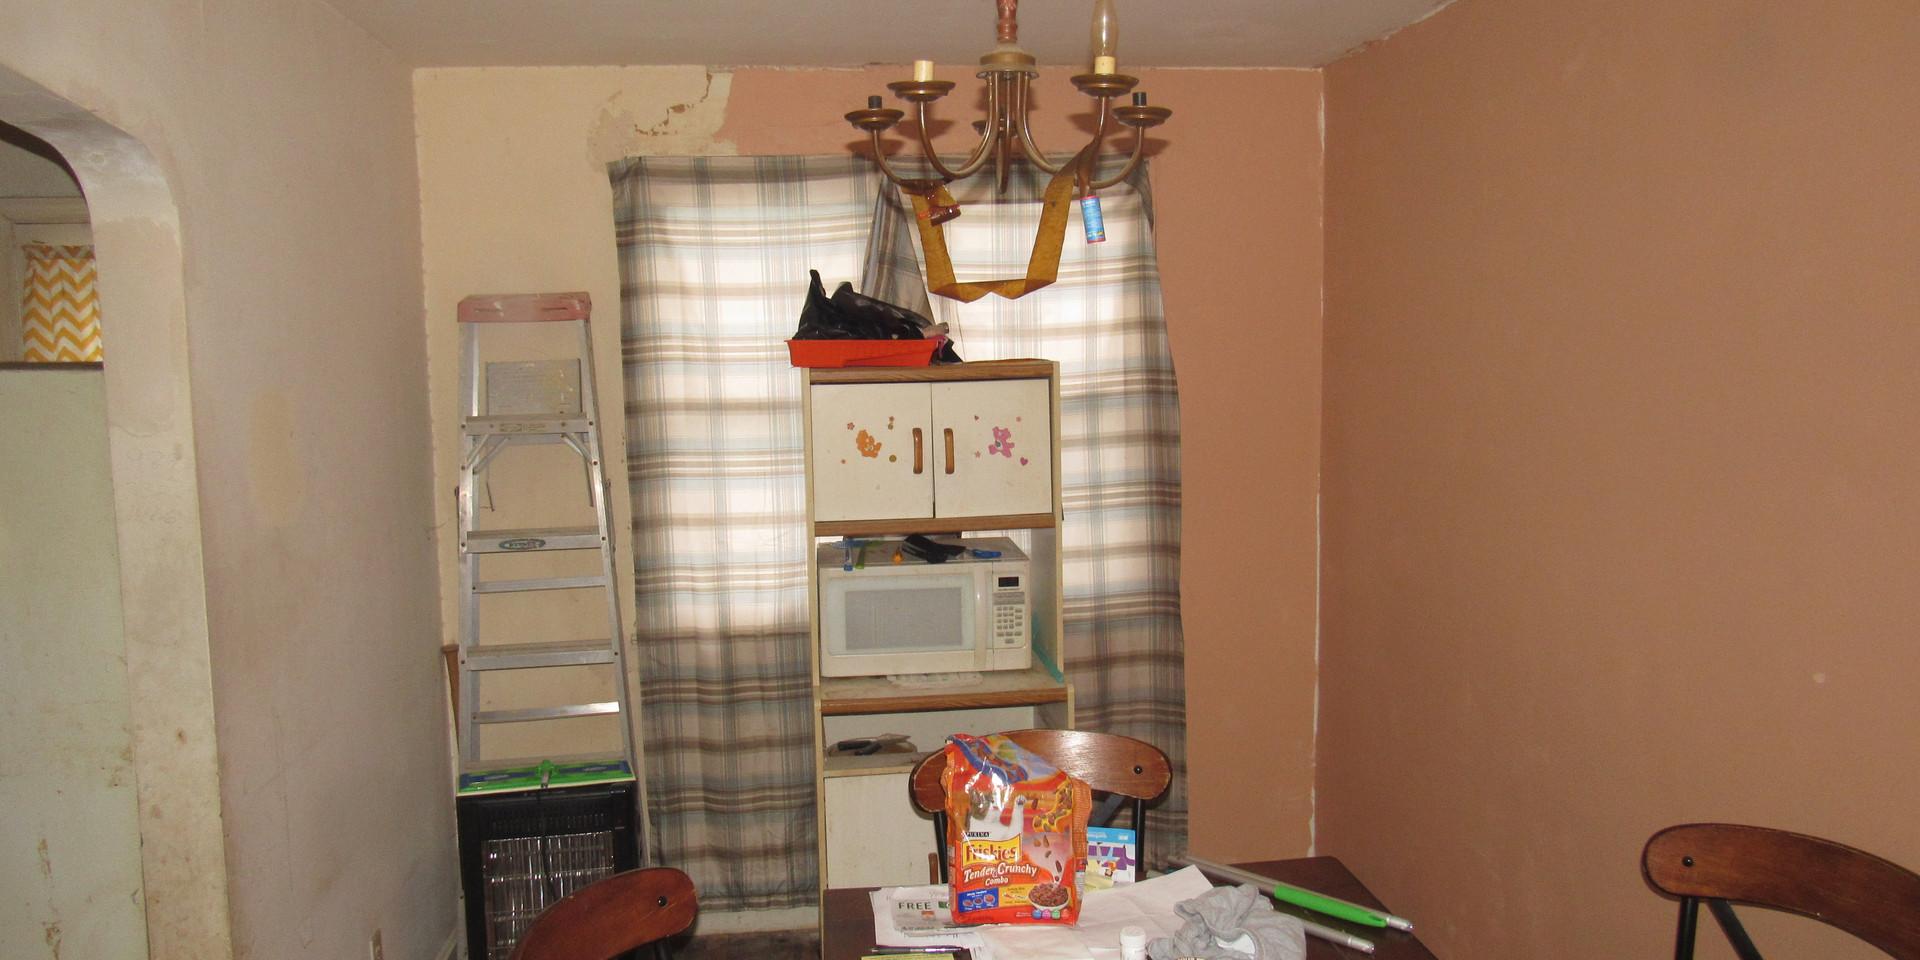 04 Dining Room A.JPG